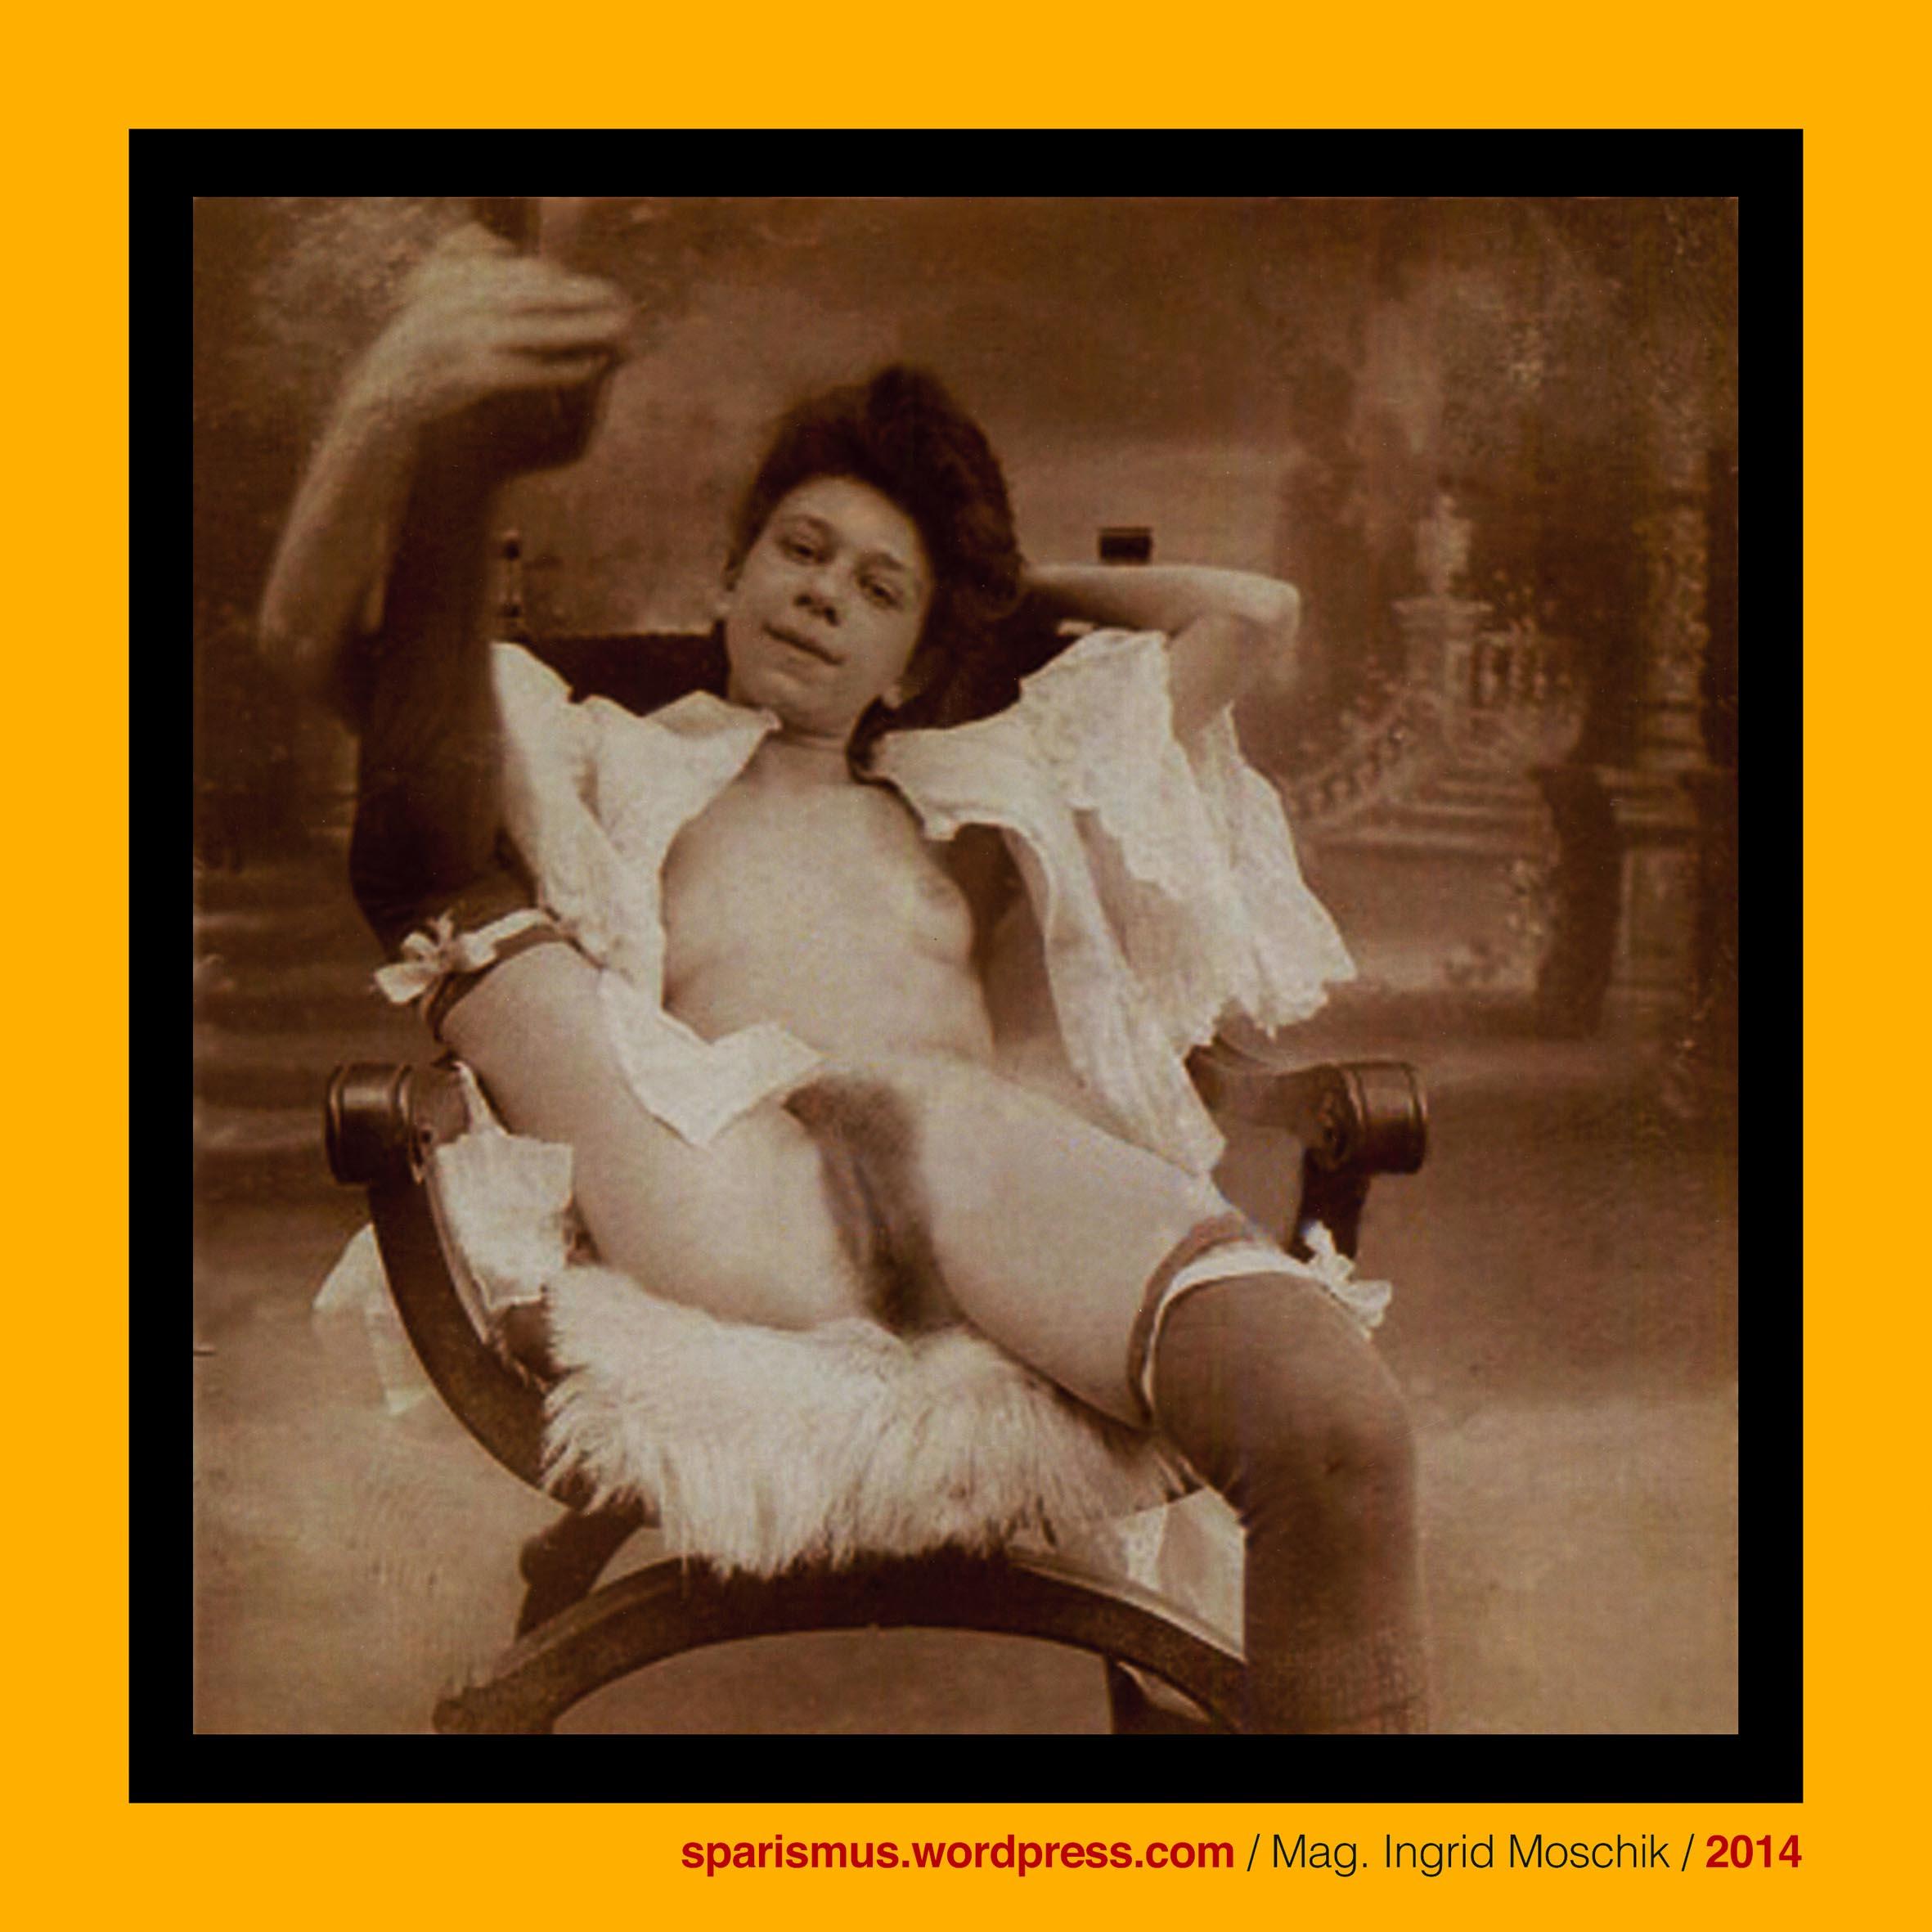 Klassische Vintage Sex Filme zwei Damen ficken mit